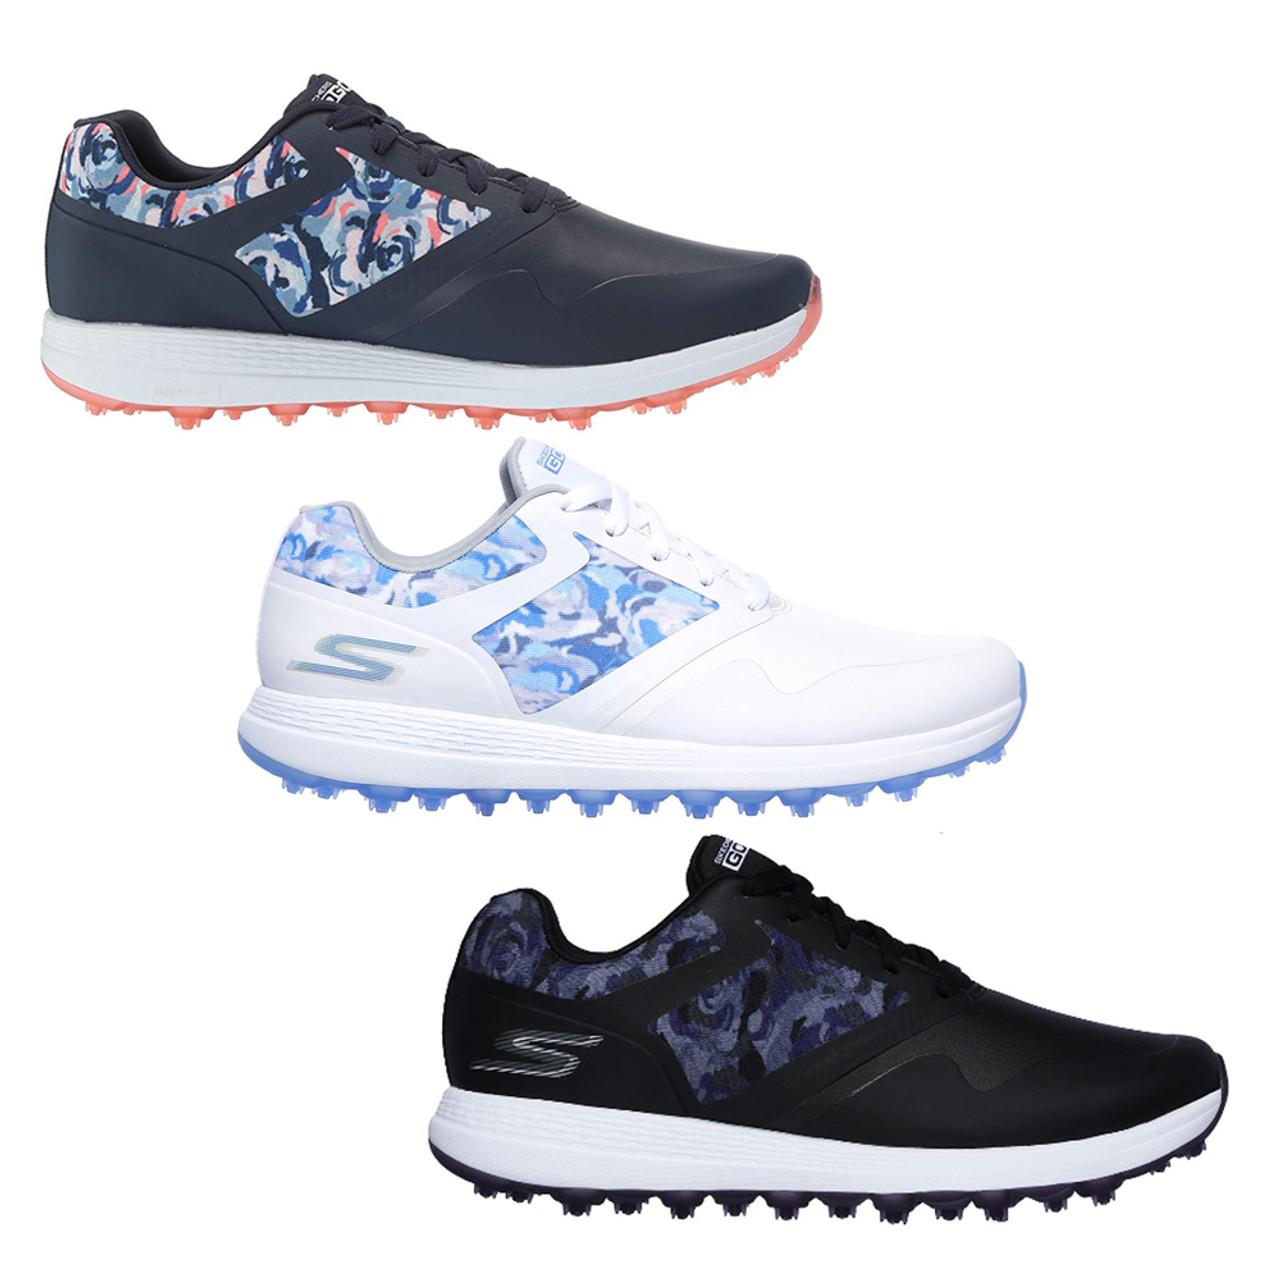 Draw Spikeless Golf Shoes 2019 Women